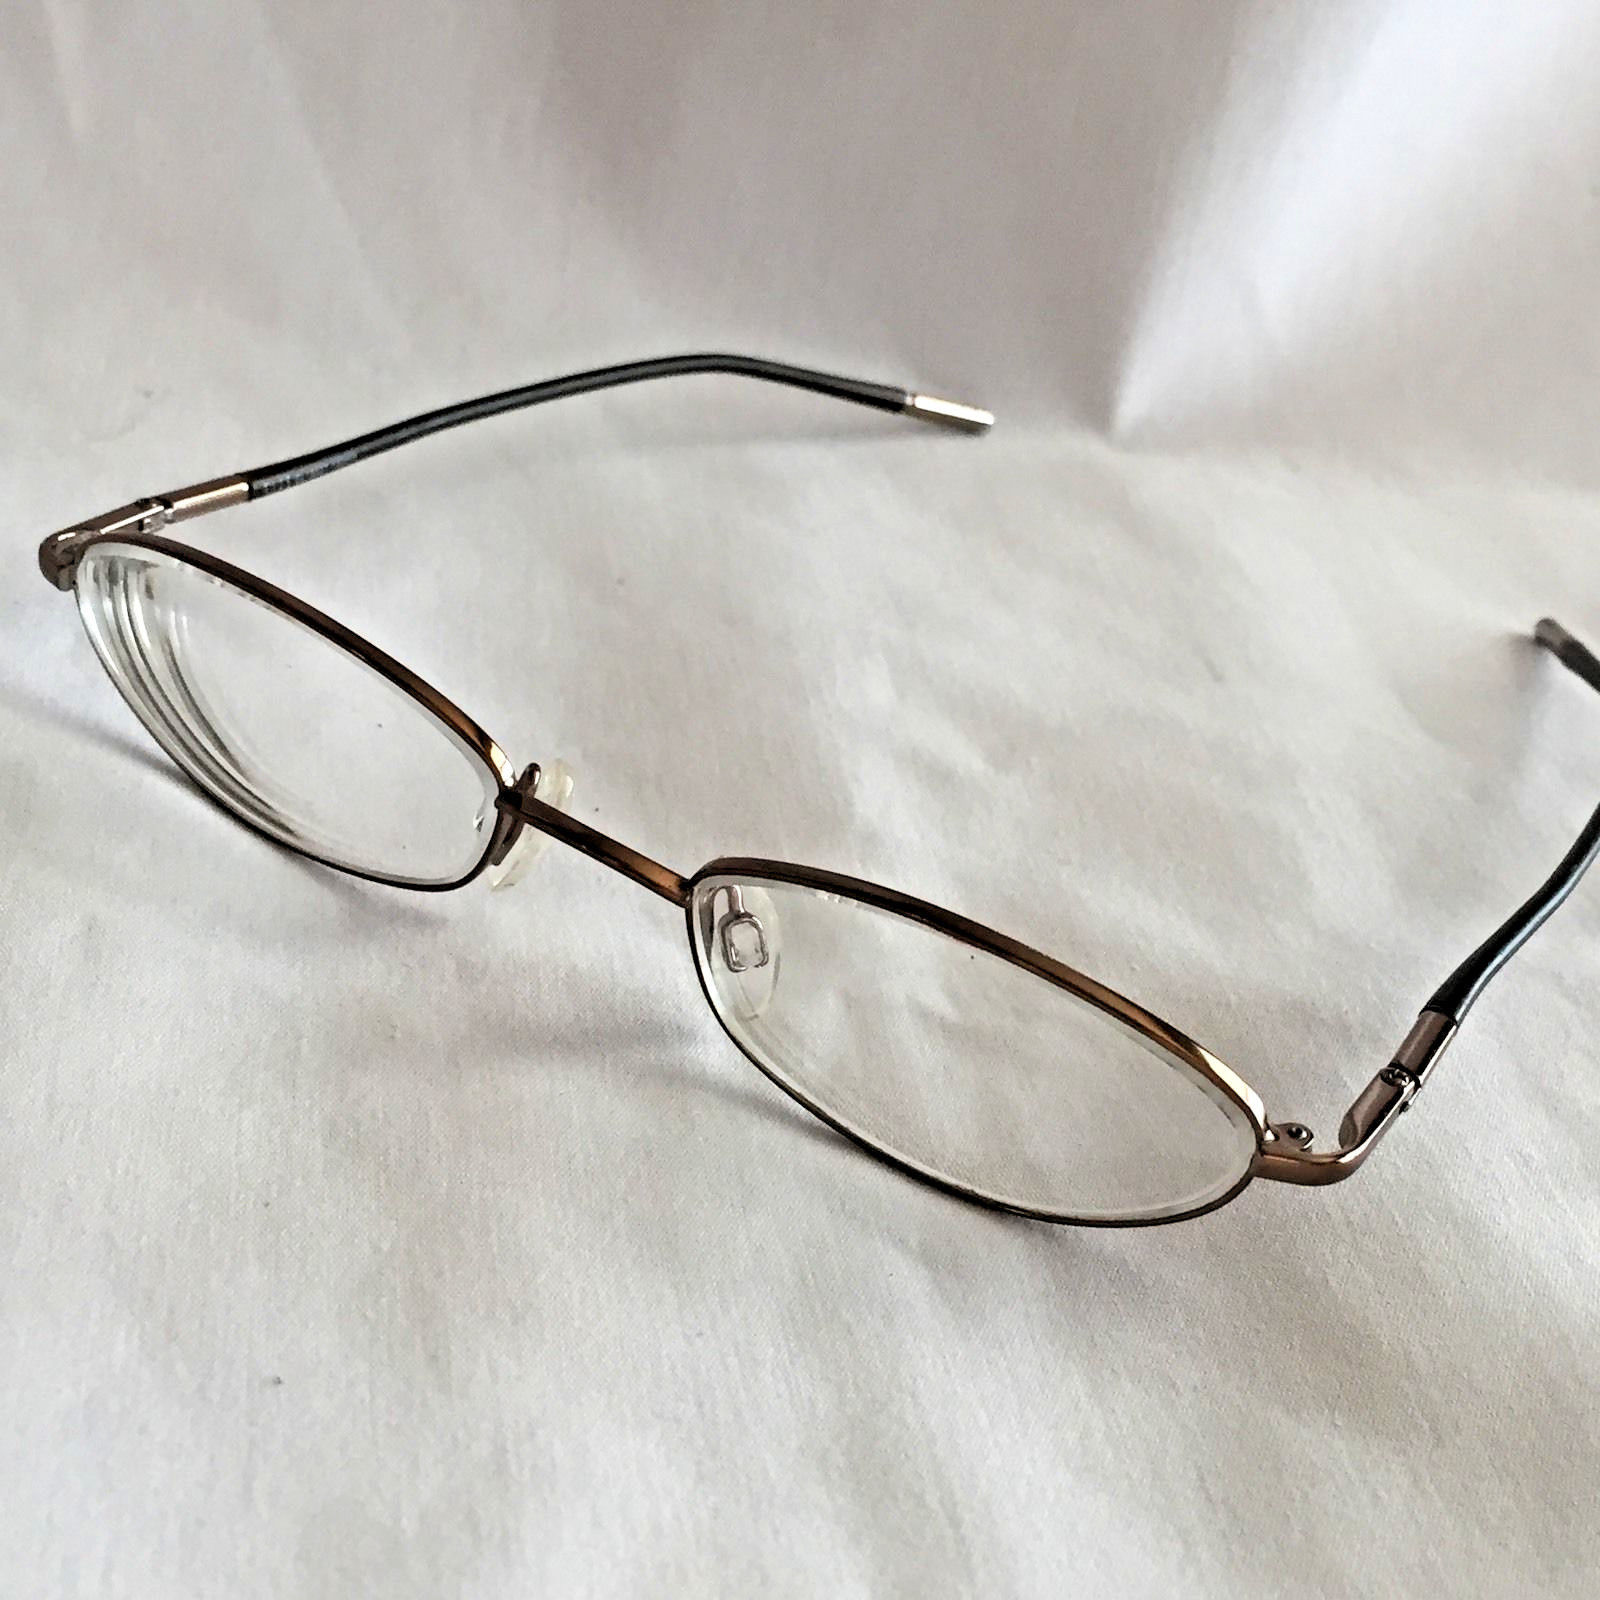 ELLE Glasses Brown Frames EL 18537 130 MM and 50 similar items